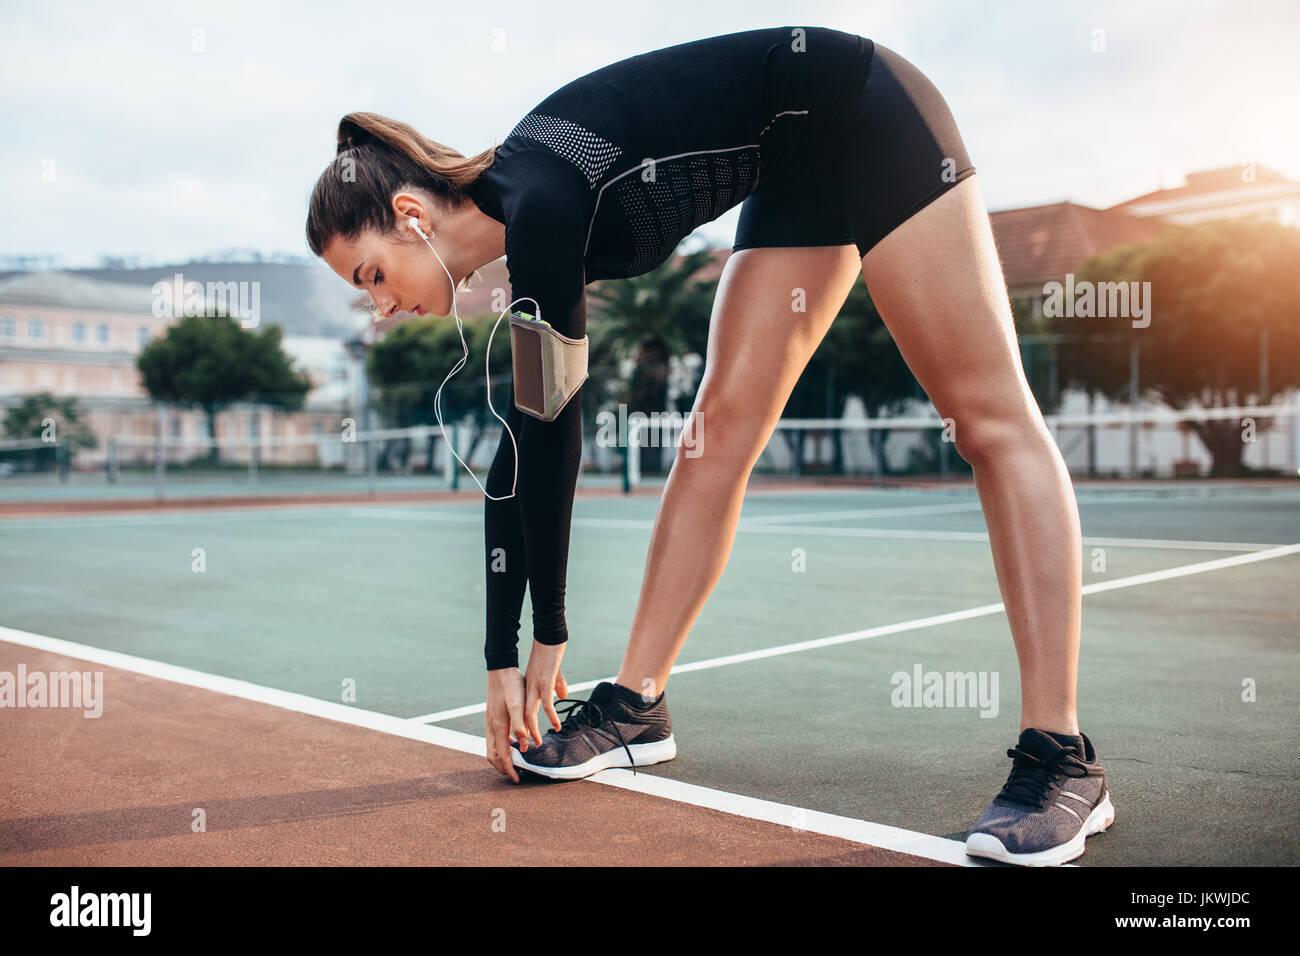 Hermosa muchacha haciendo ejercicios de estiramiento en el exterior. Sportswoman haciendo ejercicio de calentamiento Imagen De Stock